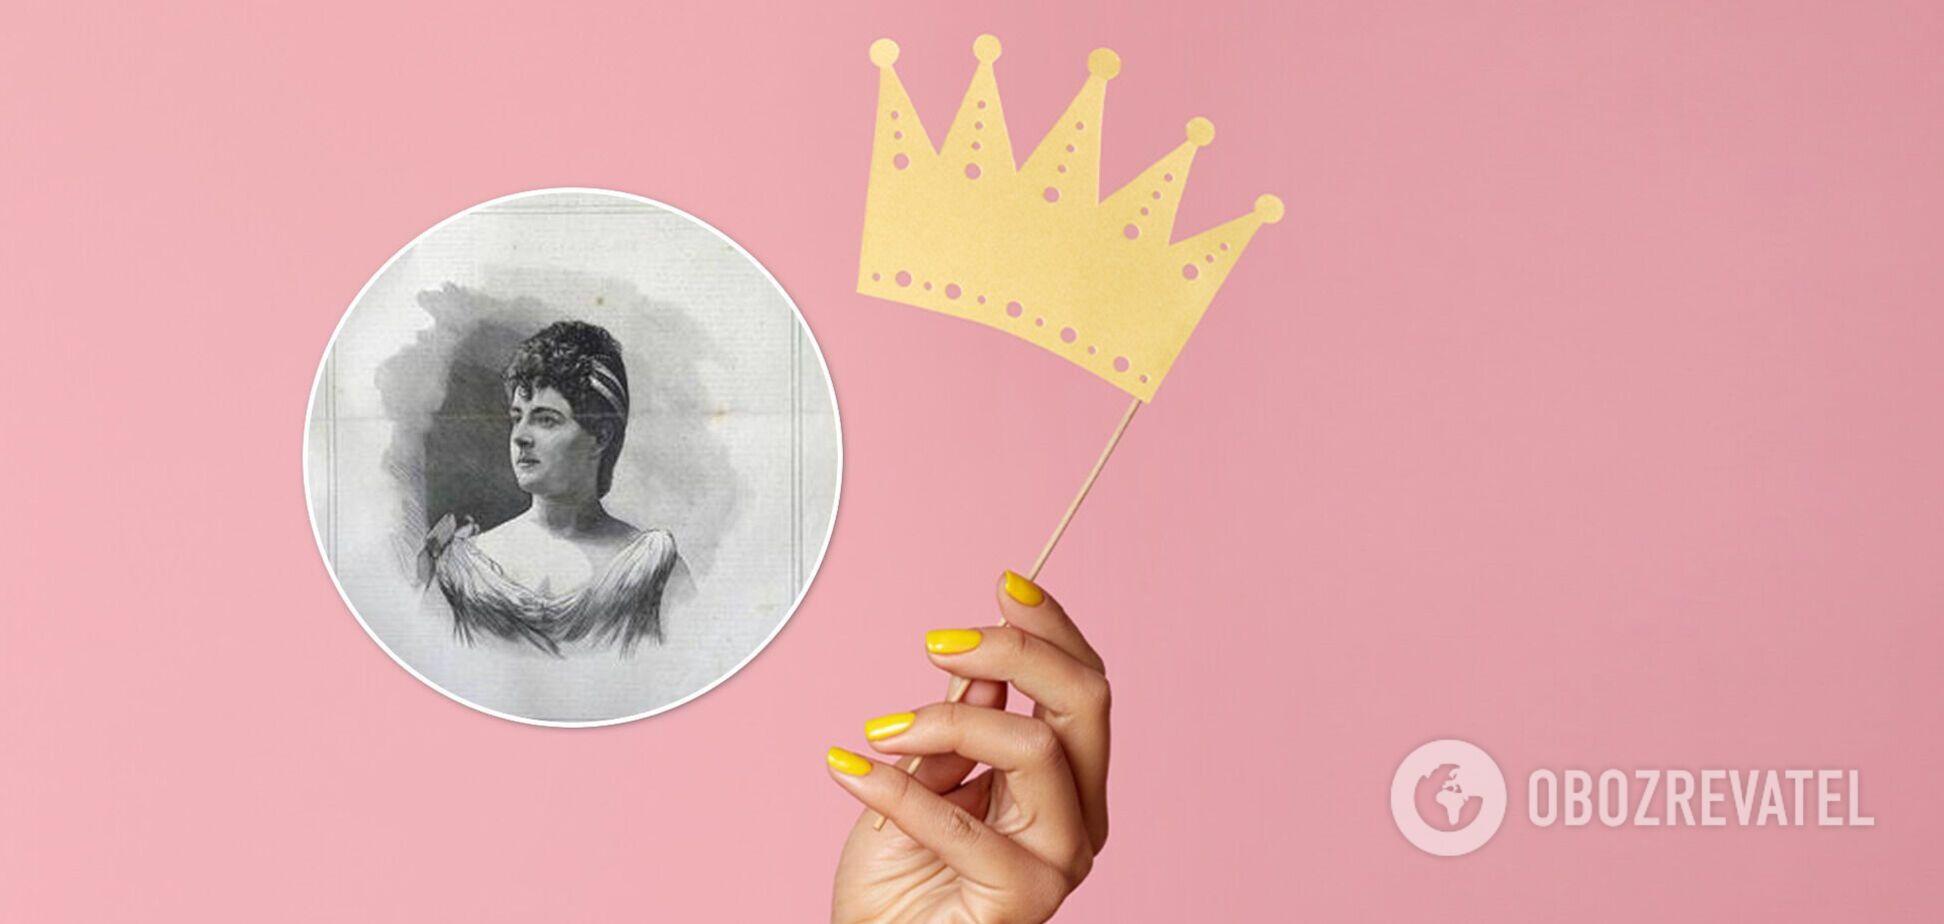 Как выглядела победительница первого в мире конкурса красоты и почему она ушла в неизвестность